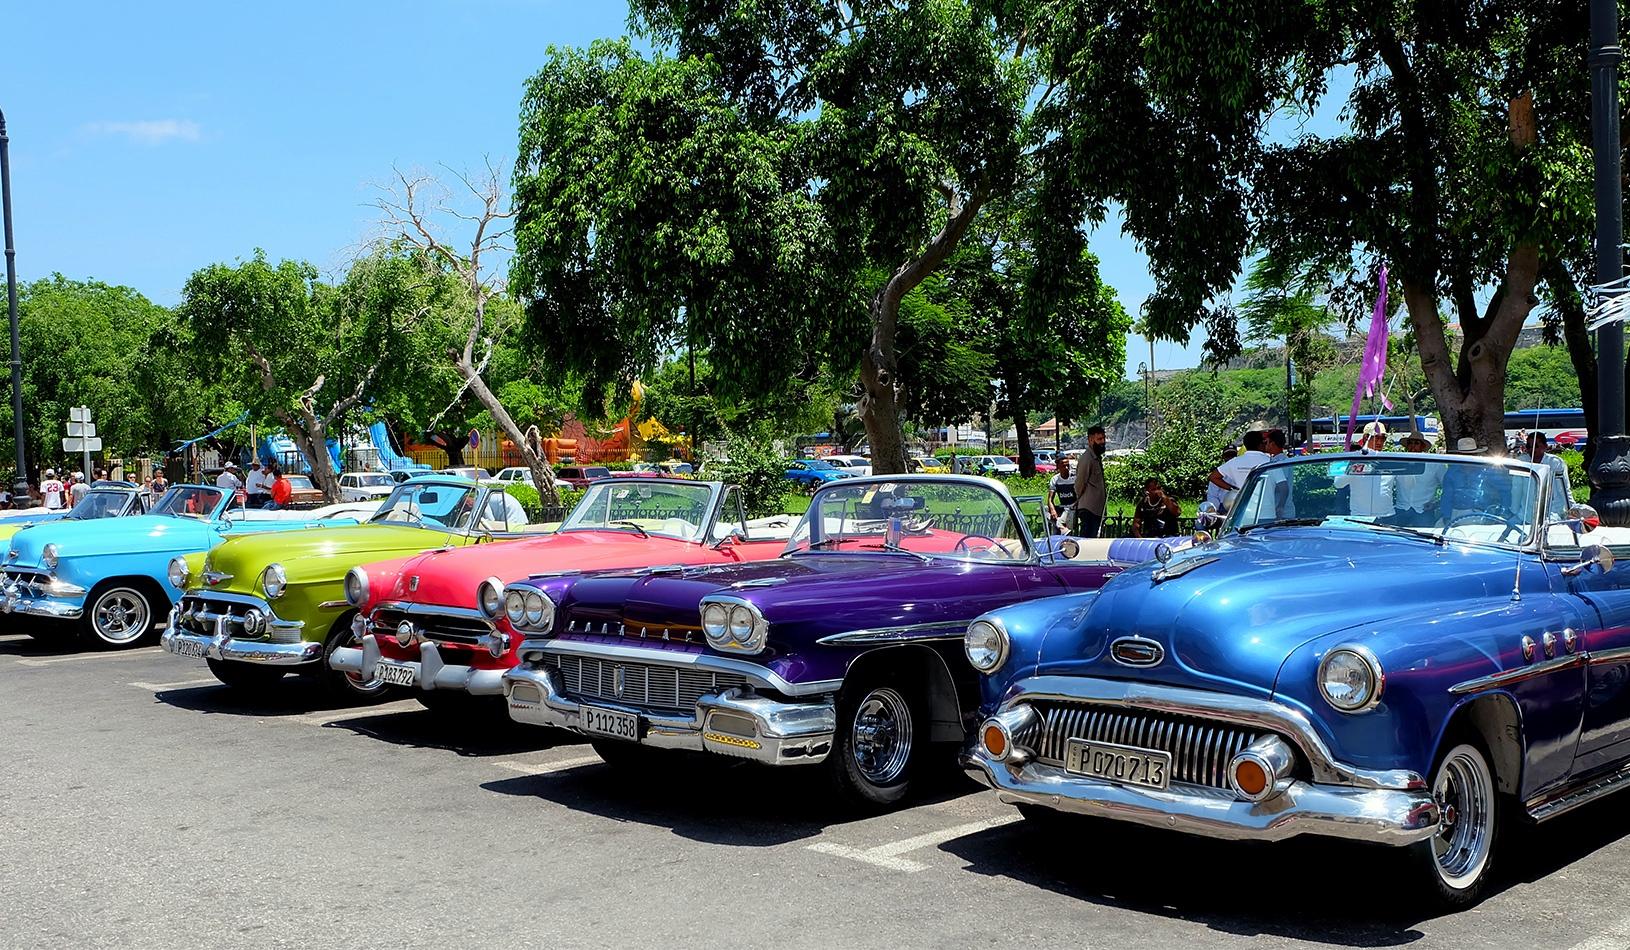 Cuba-Rainbow-Cars-LGBT